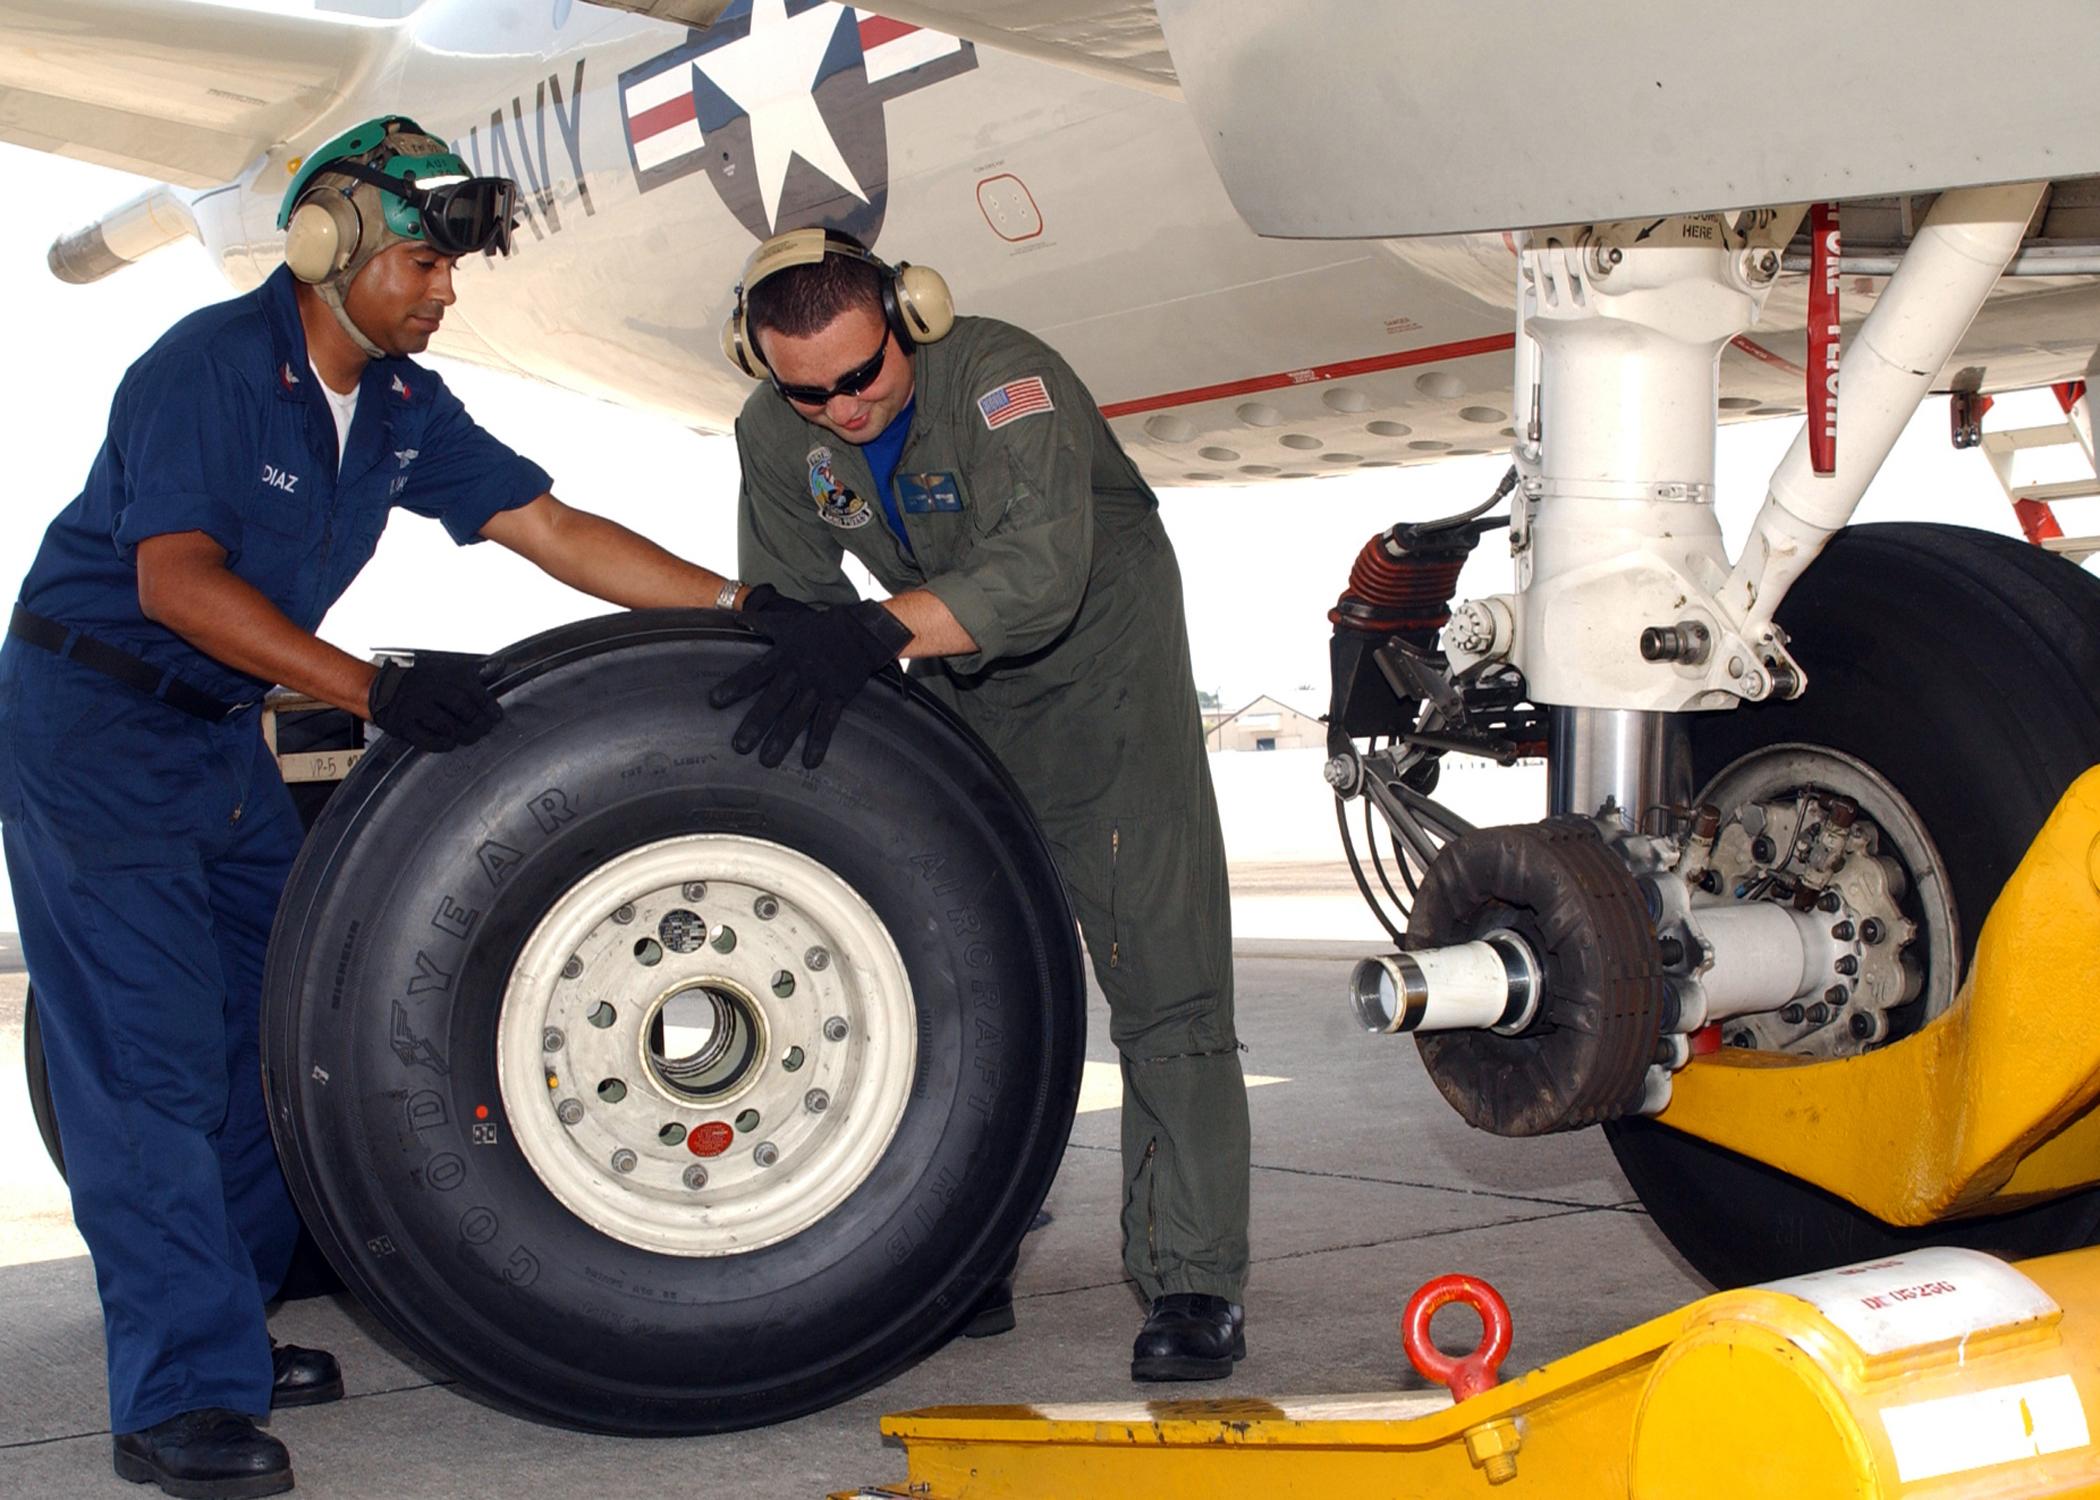 Aircraft tire - Wikipedia